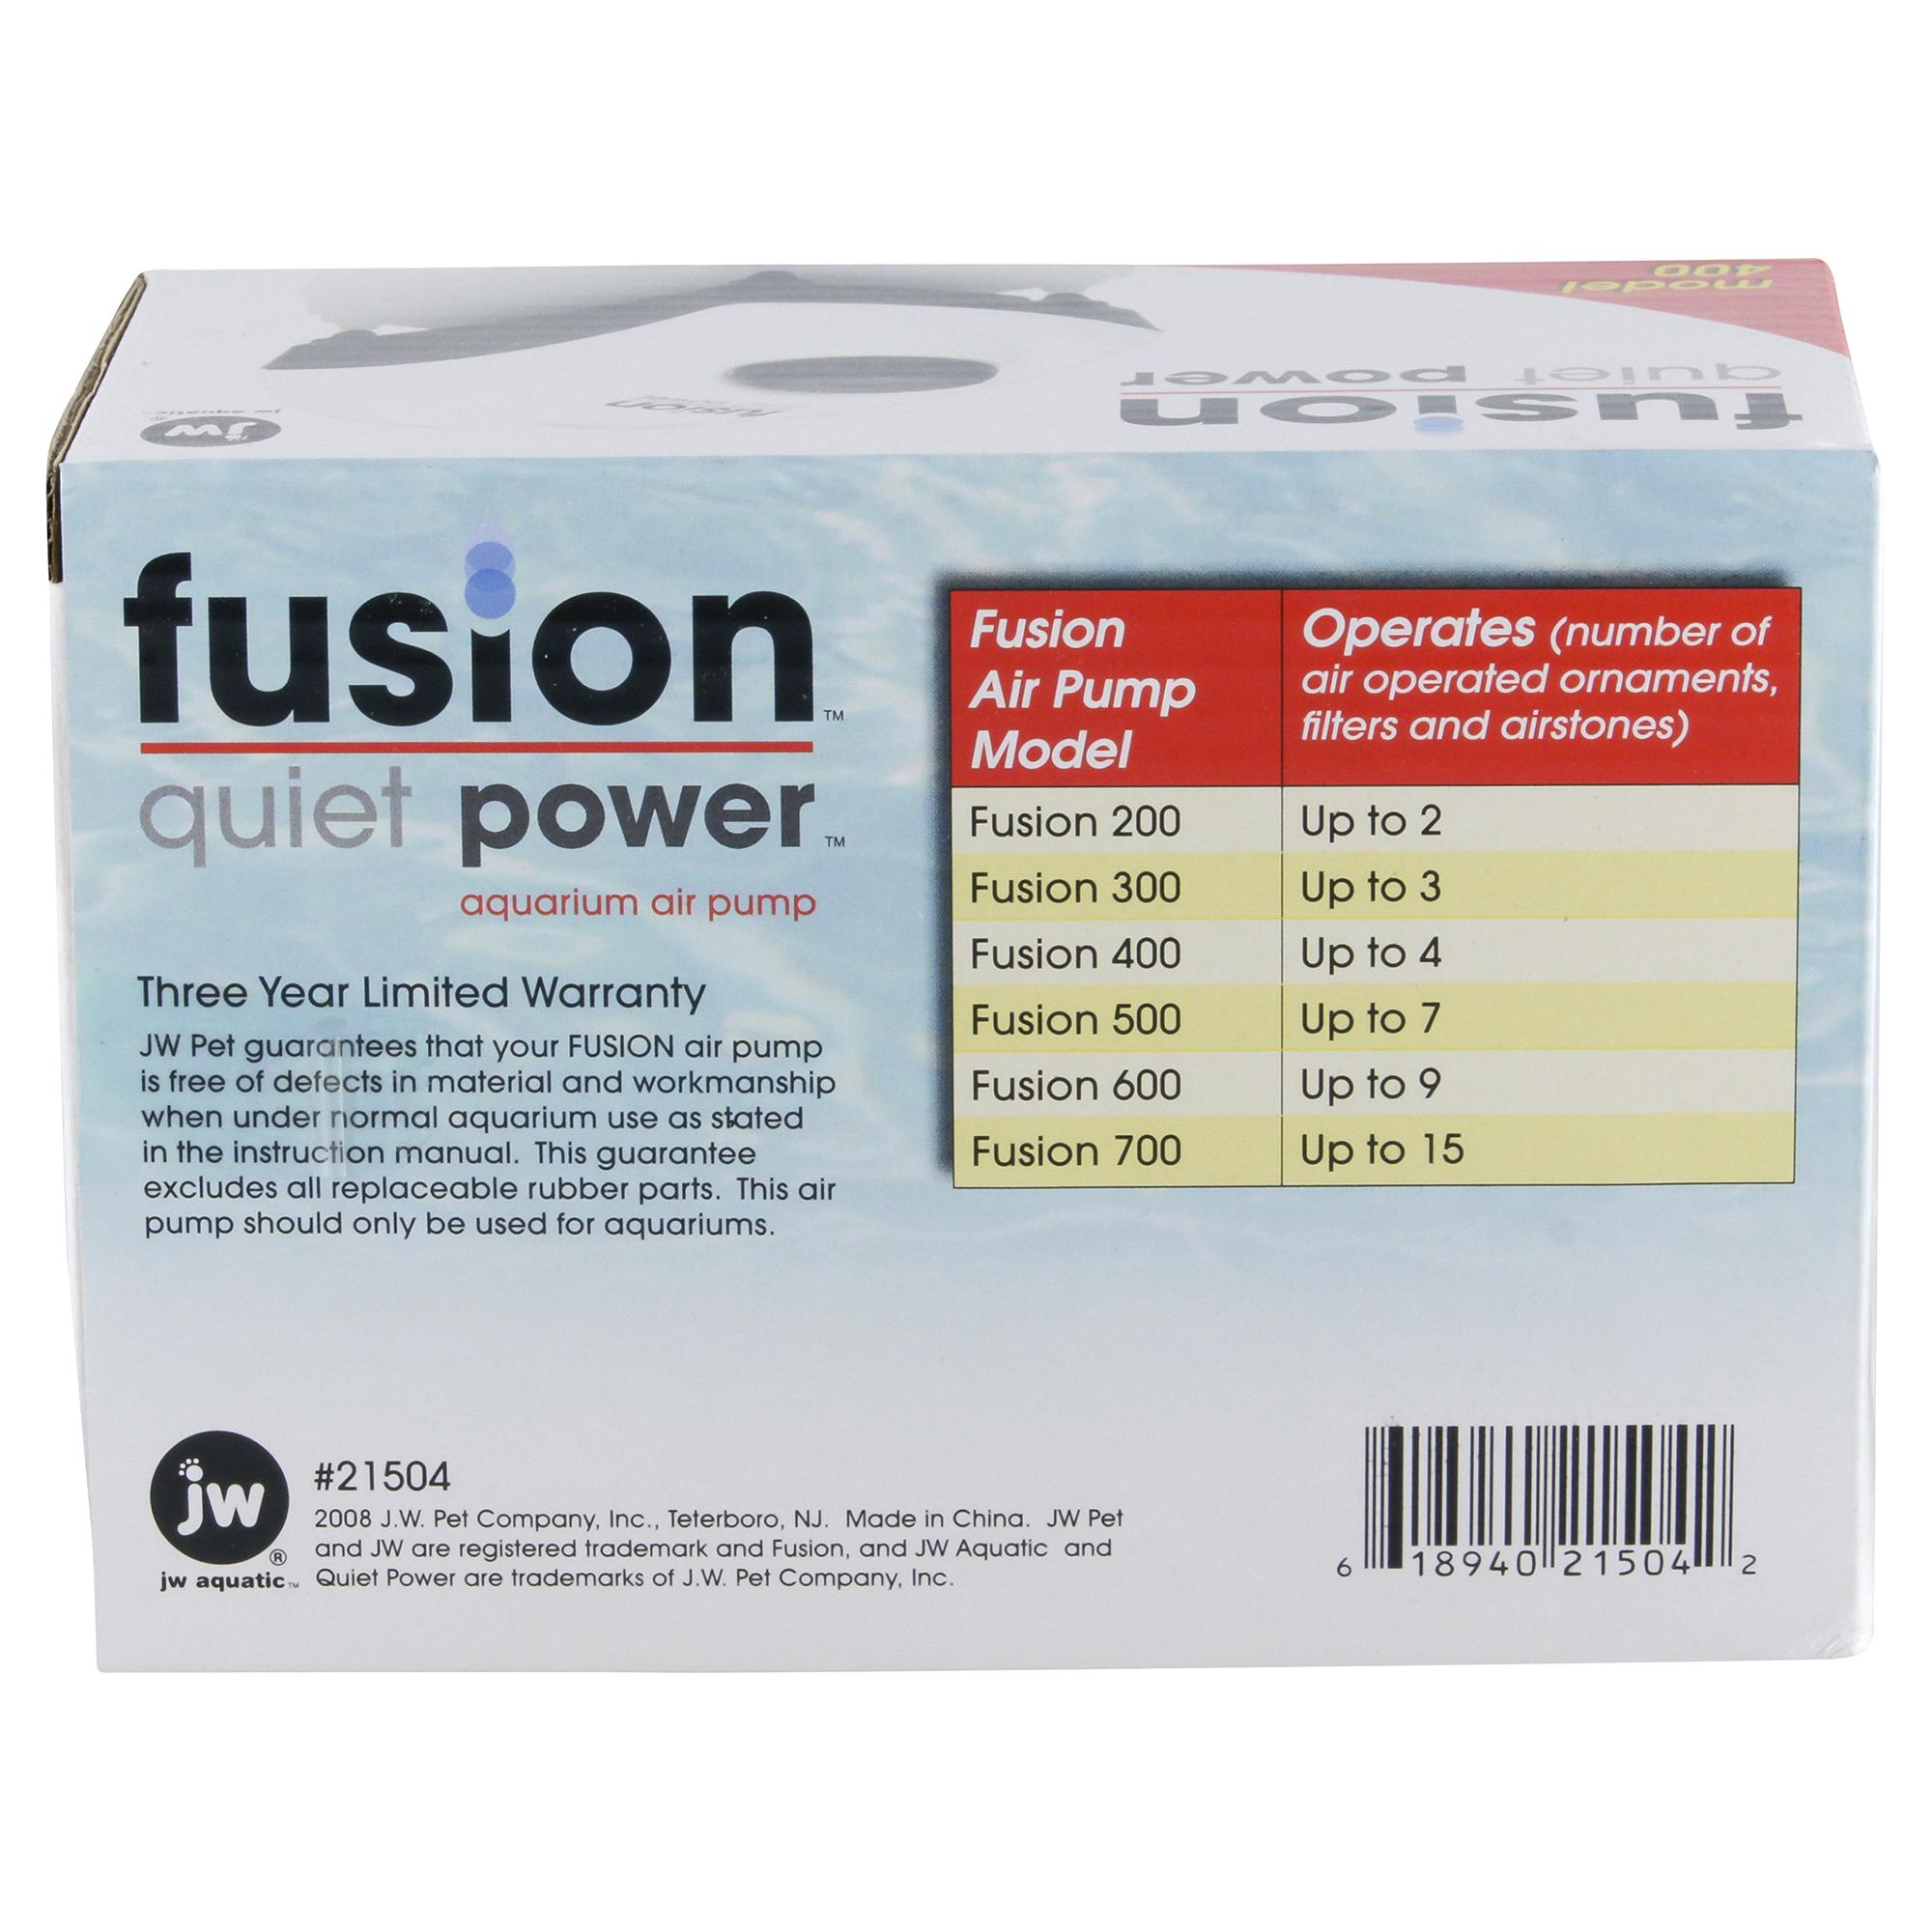 Company Fusion Air Pump 400 Aquarium New Pet Supplies Pumps (water)